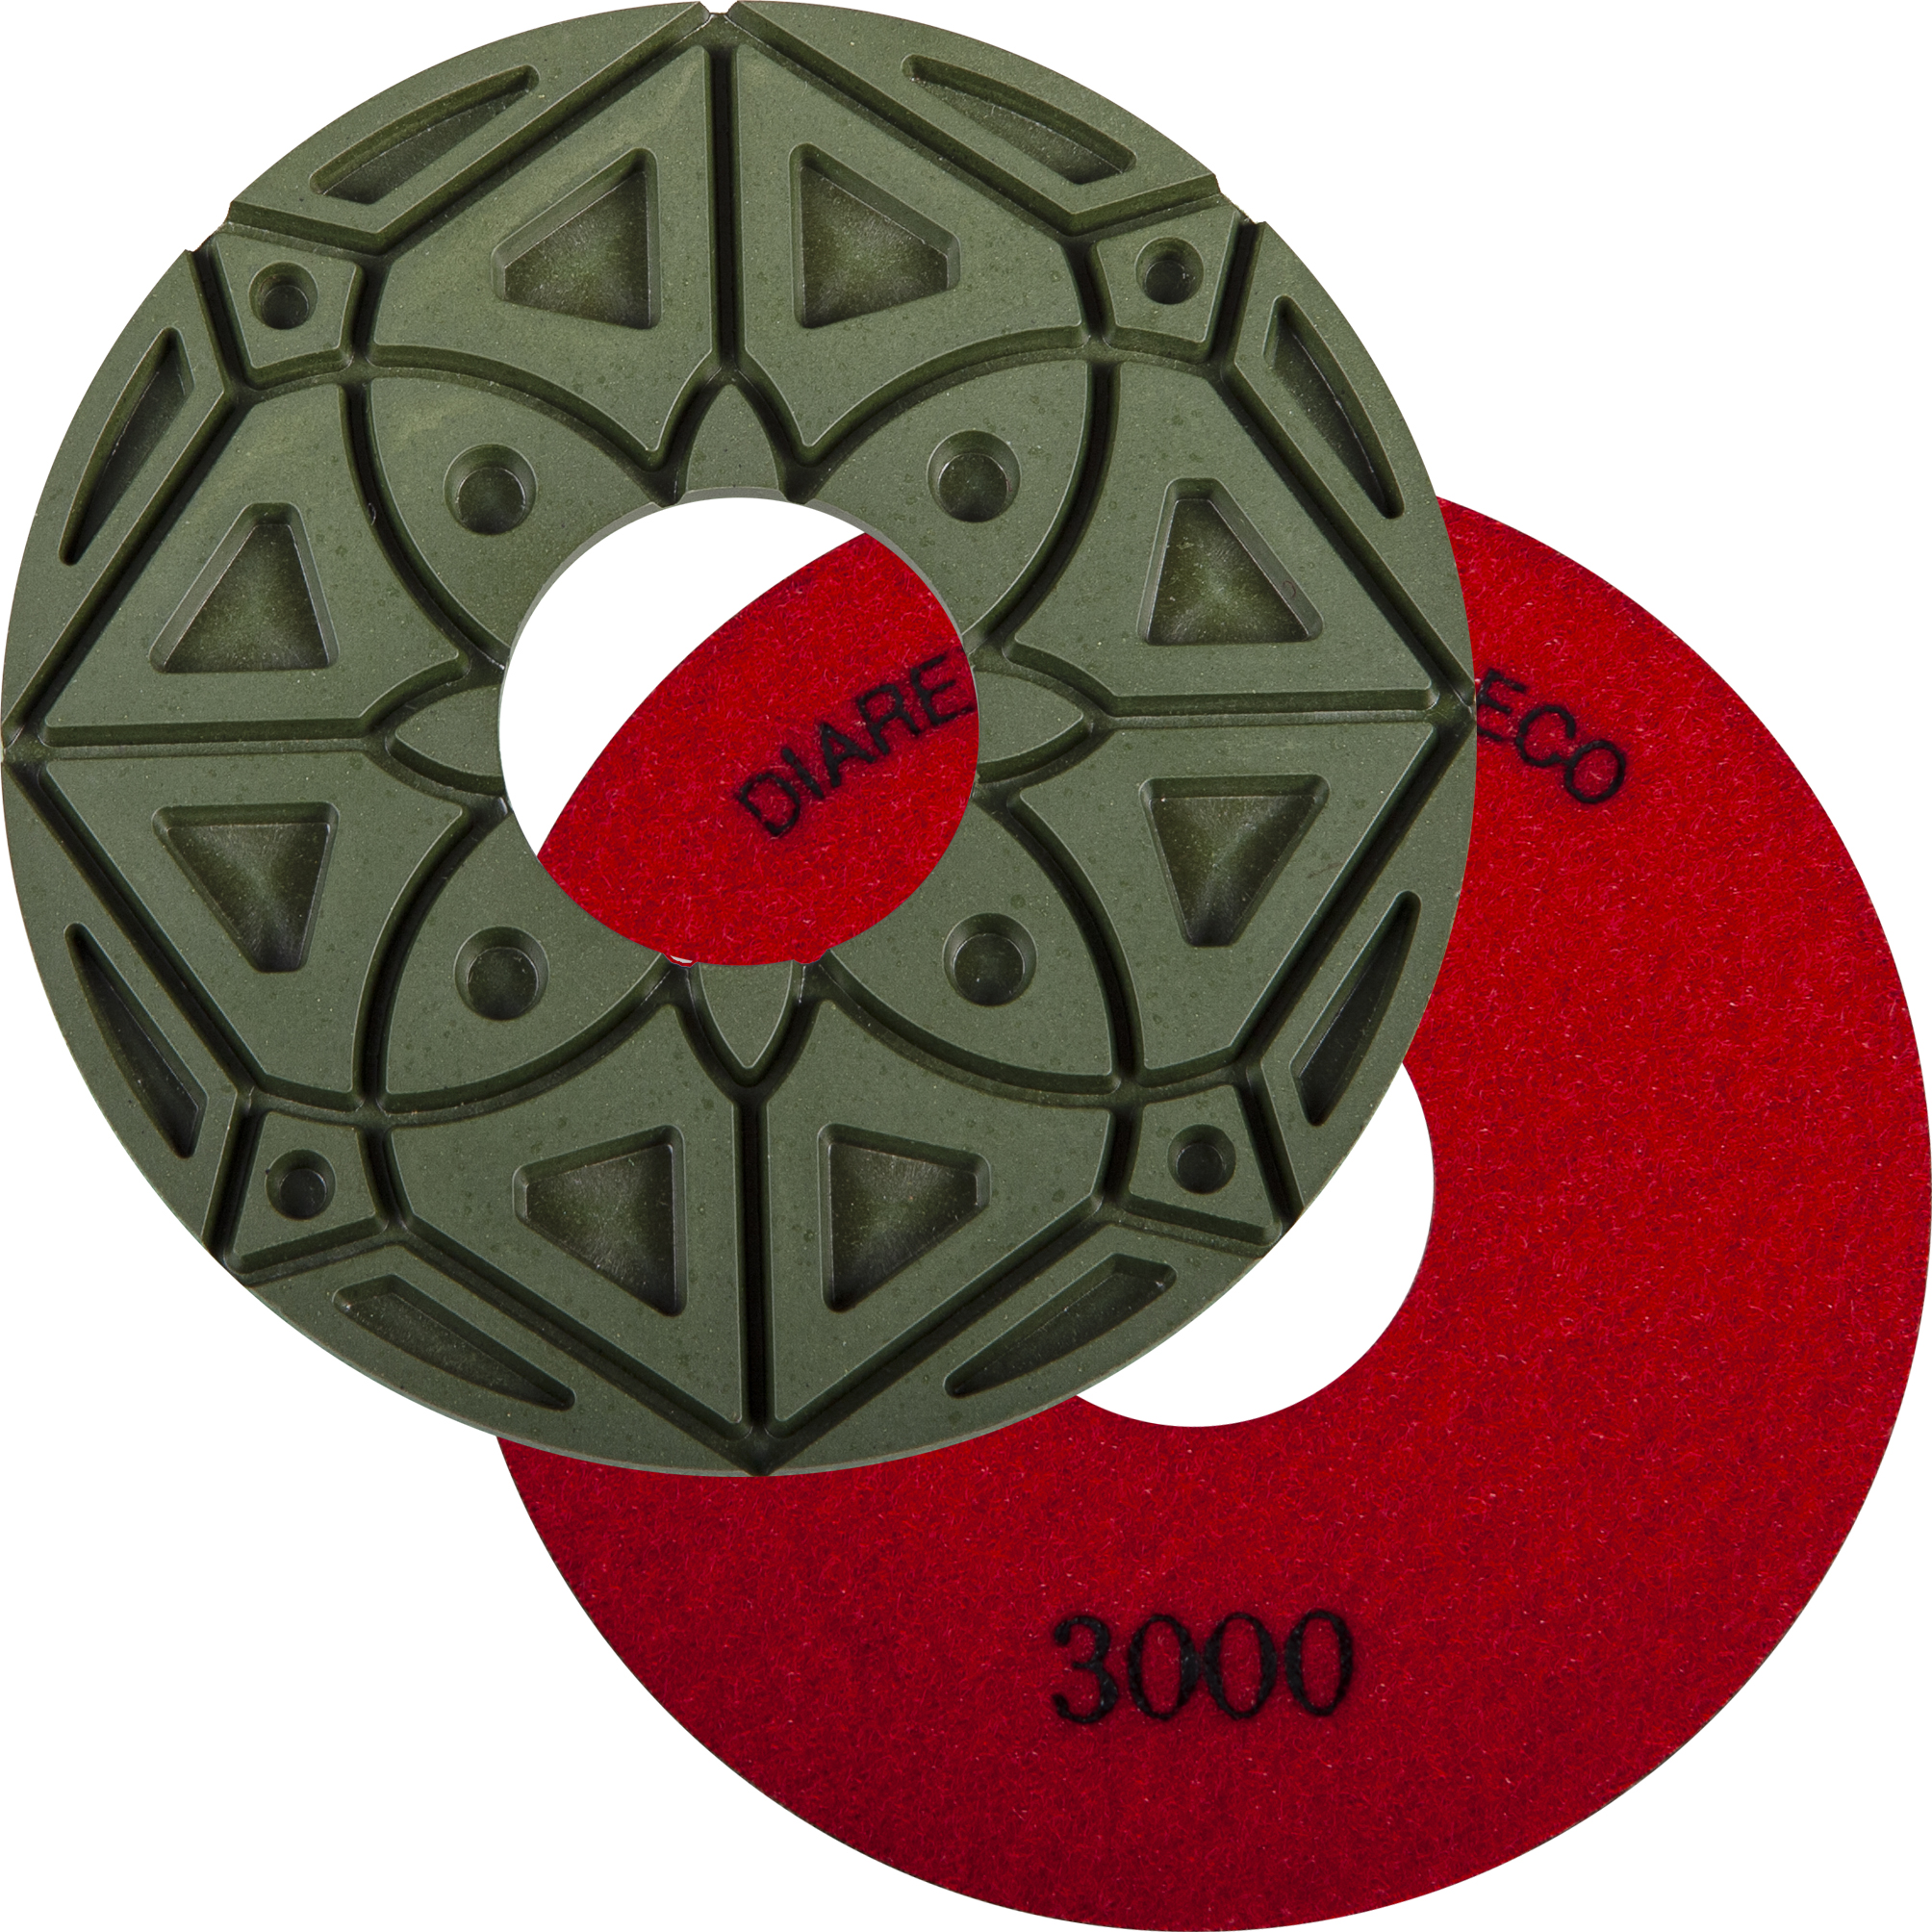 DIAREX Kantenschleifbelag KS-Edge ECO ø 130 mm | Korn 3000 | Klett